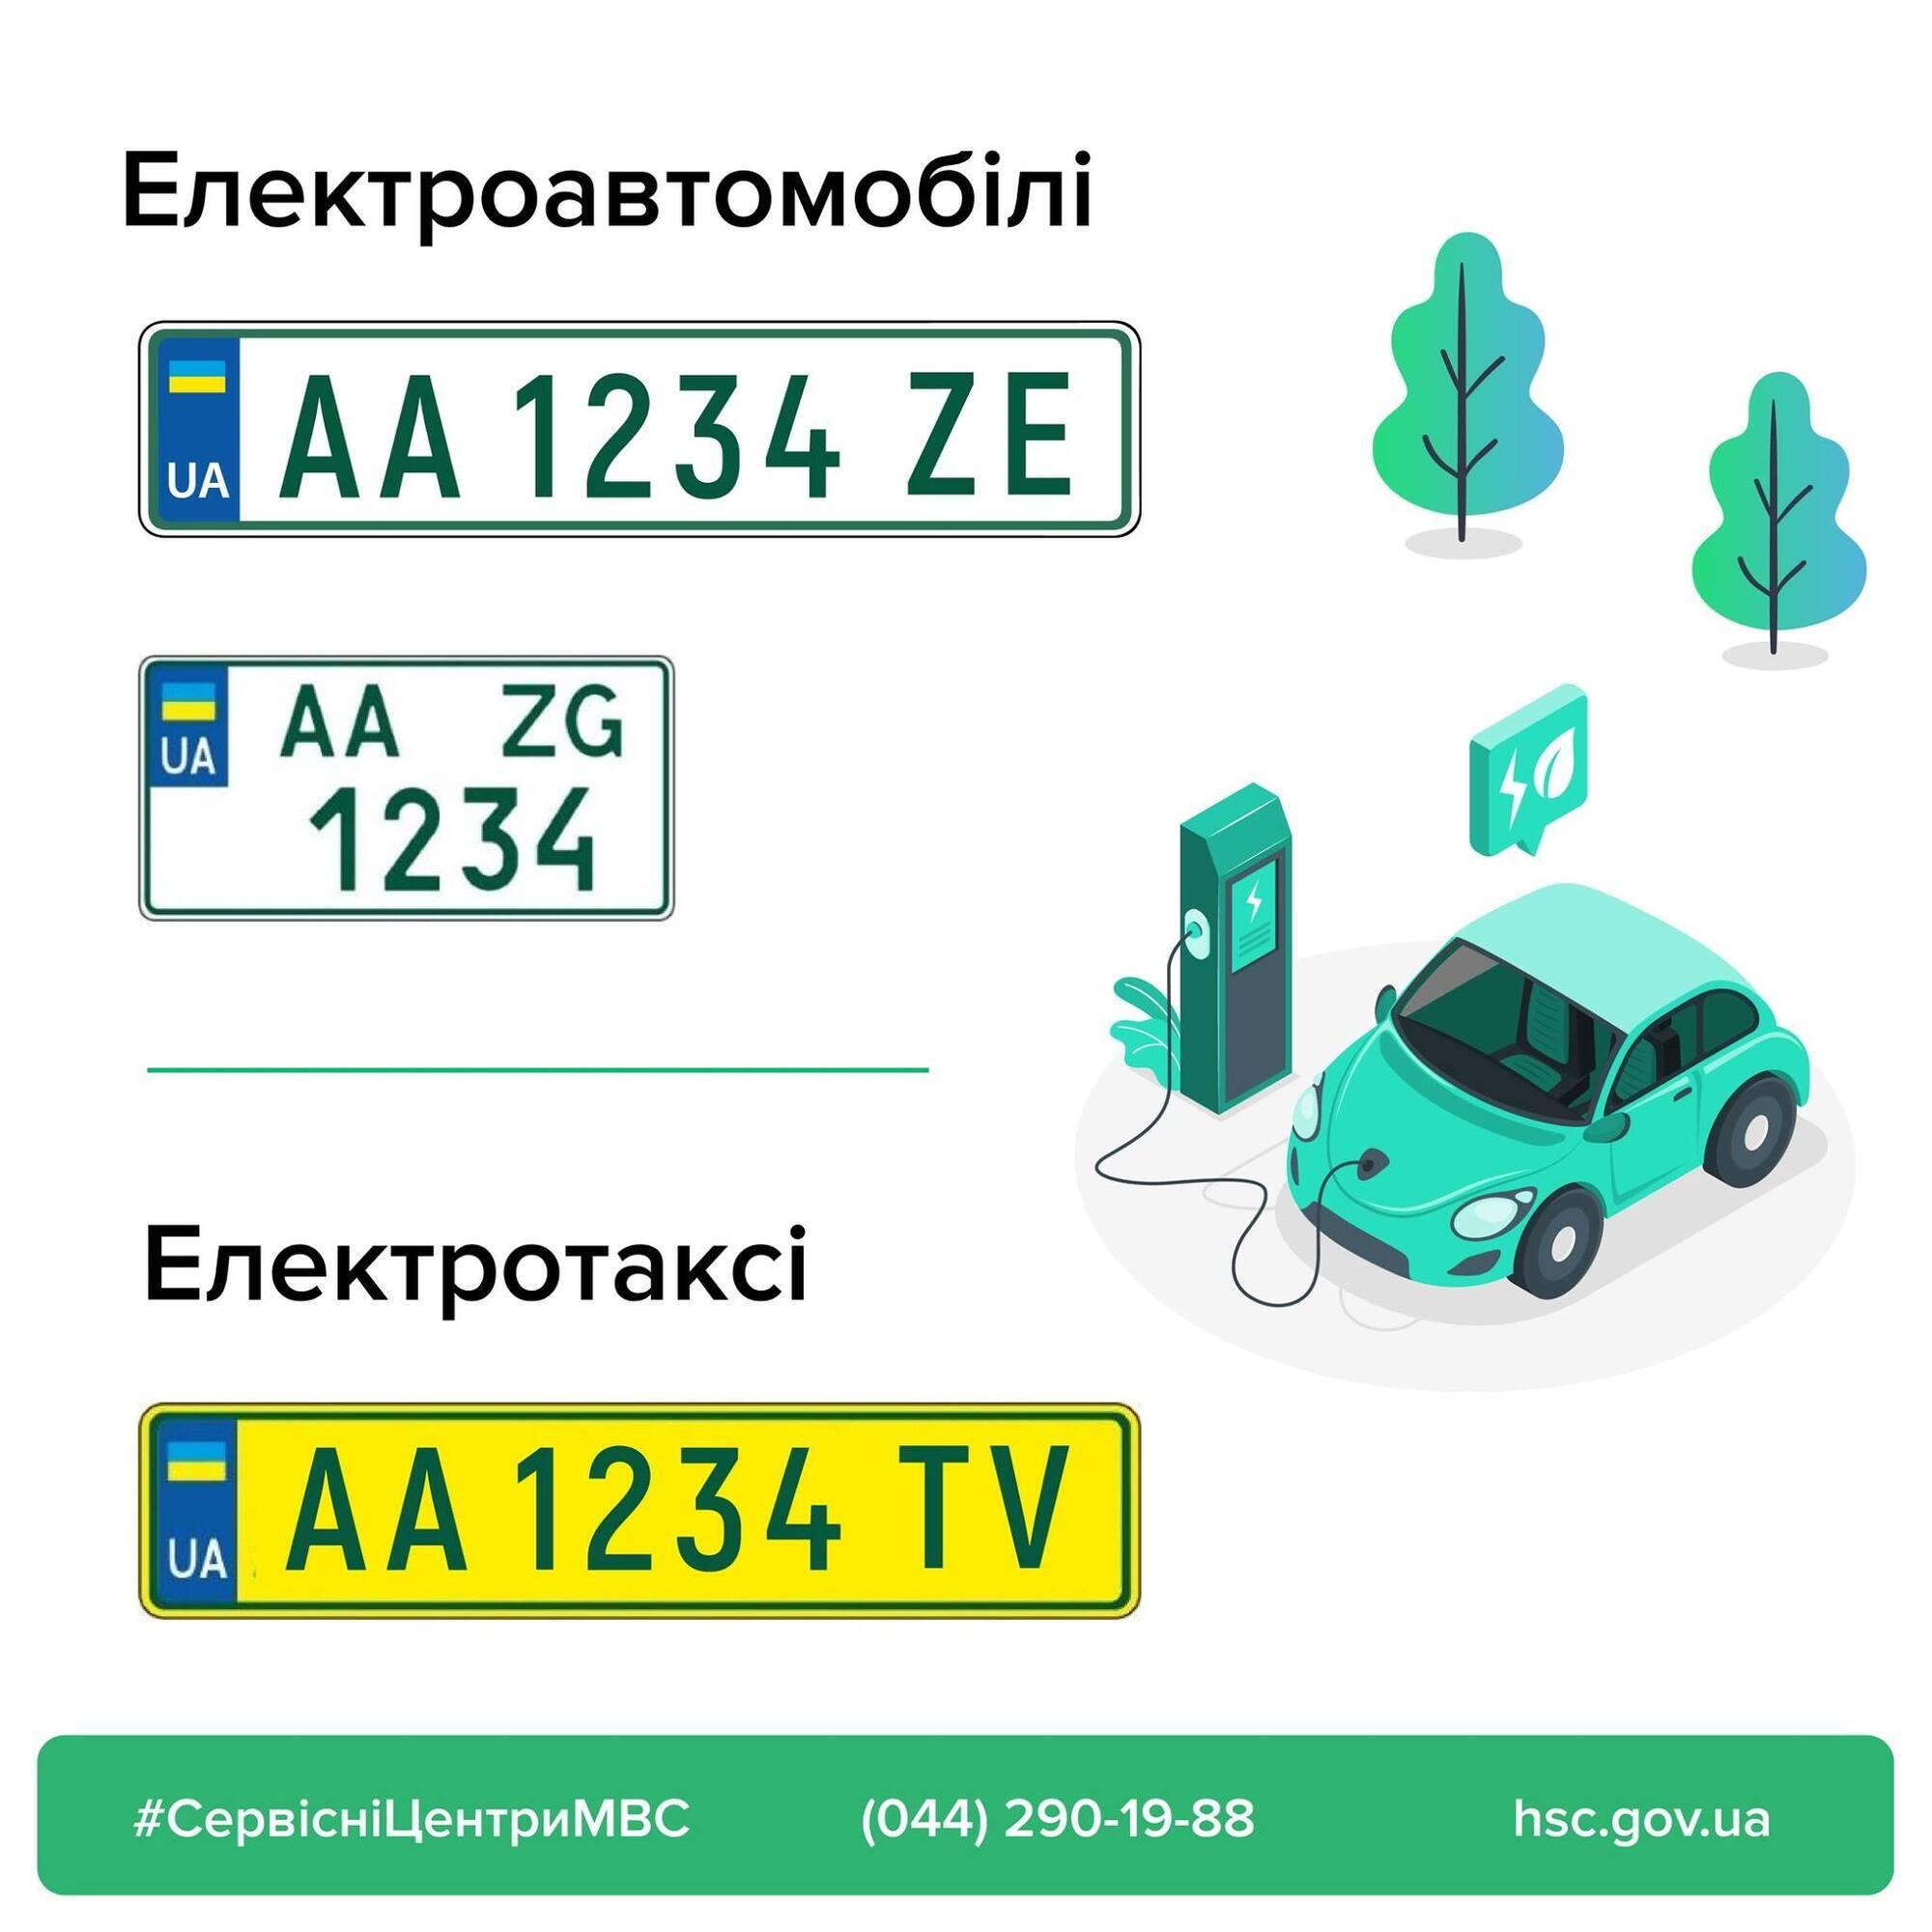 Номерной знак для электромобилей